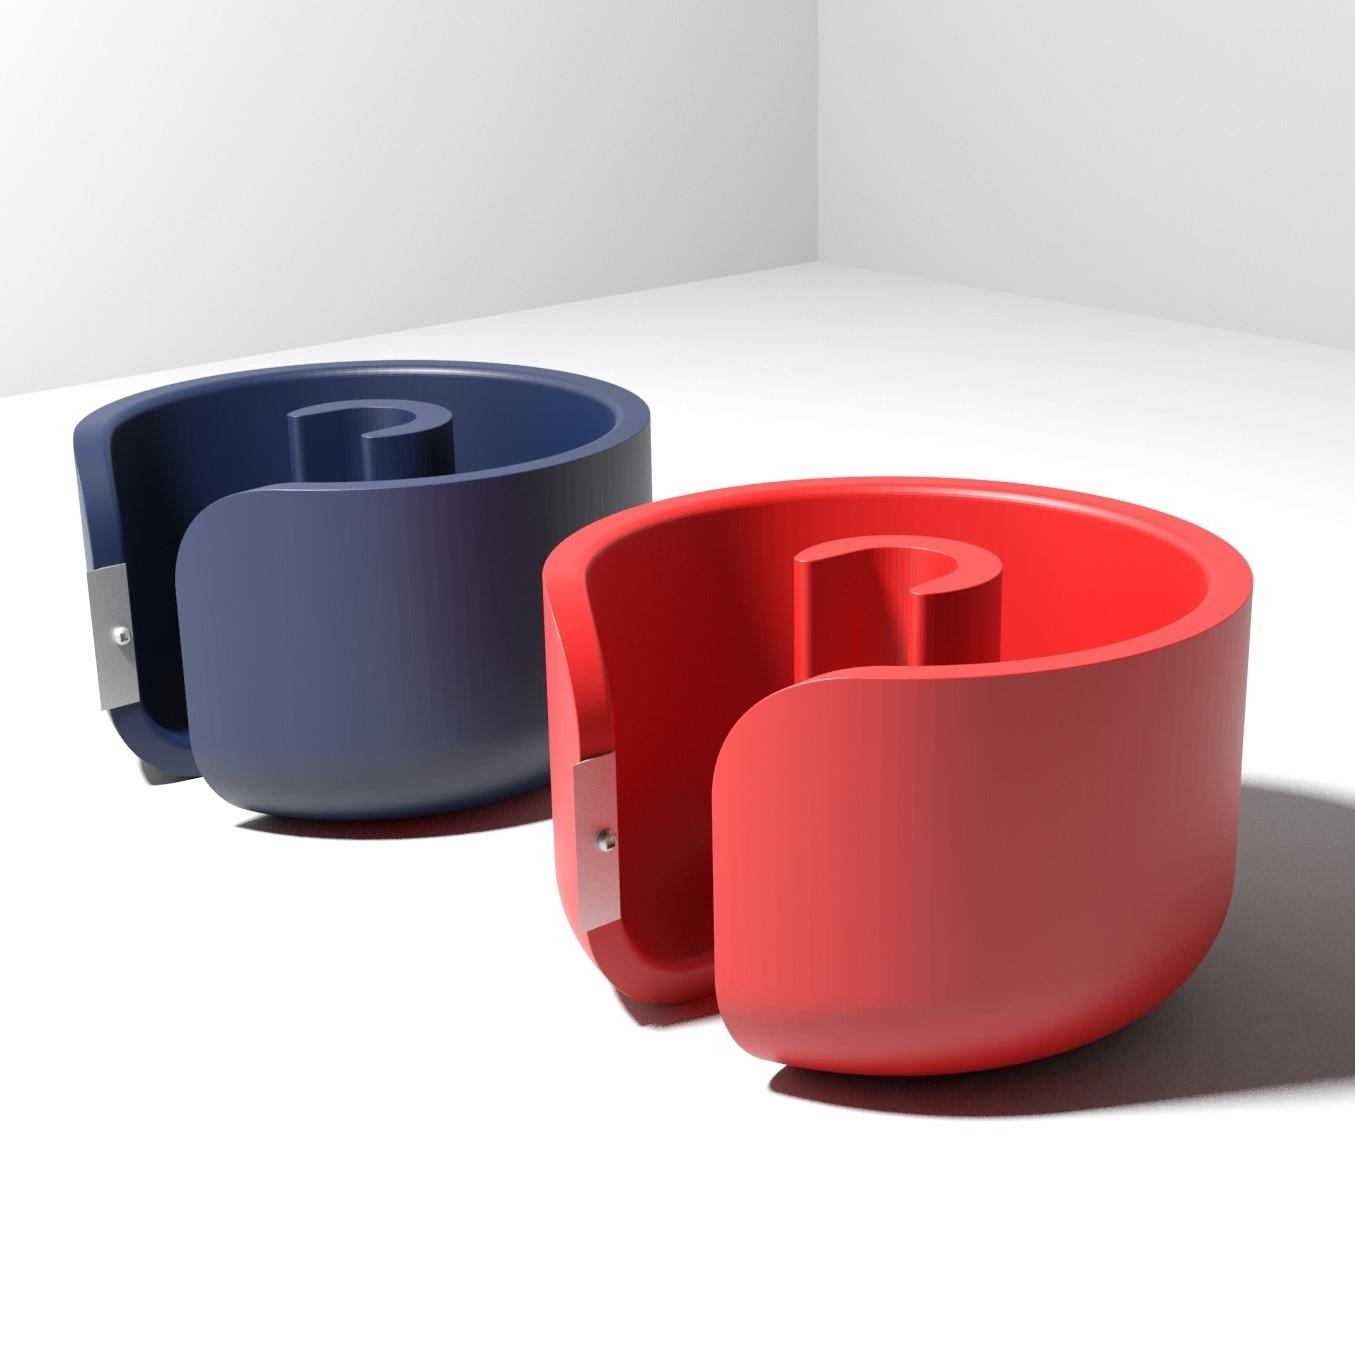 Prueba22.jpg Télécharger fichier STL Support de sol / ruban adhésif (articles de bureau et de bureau) • Modèle pour imprimante 3D, mibro